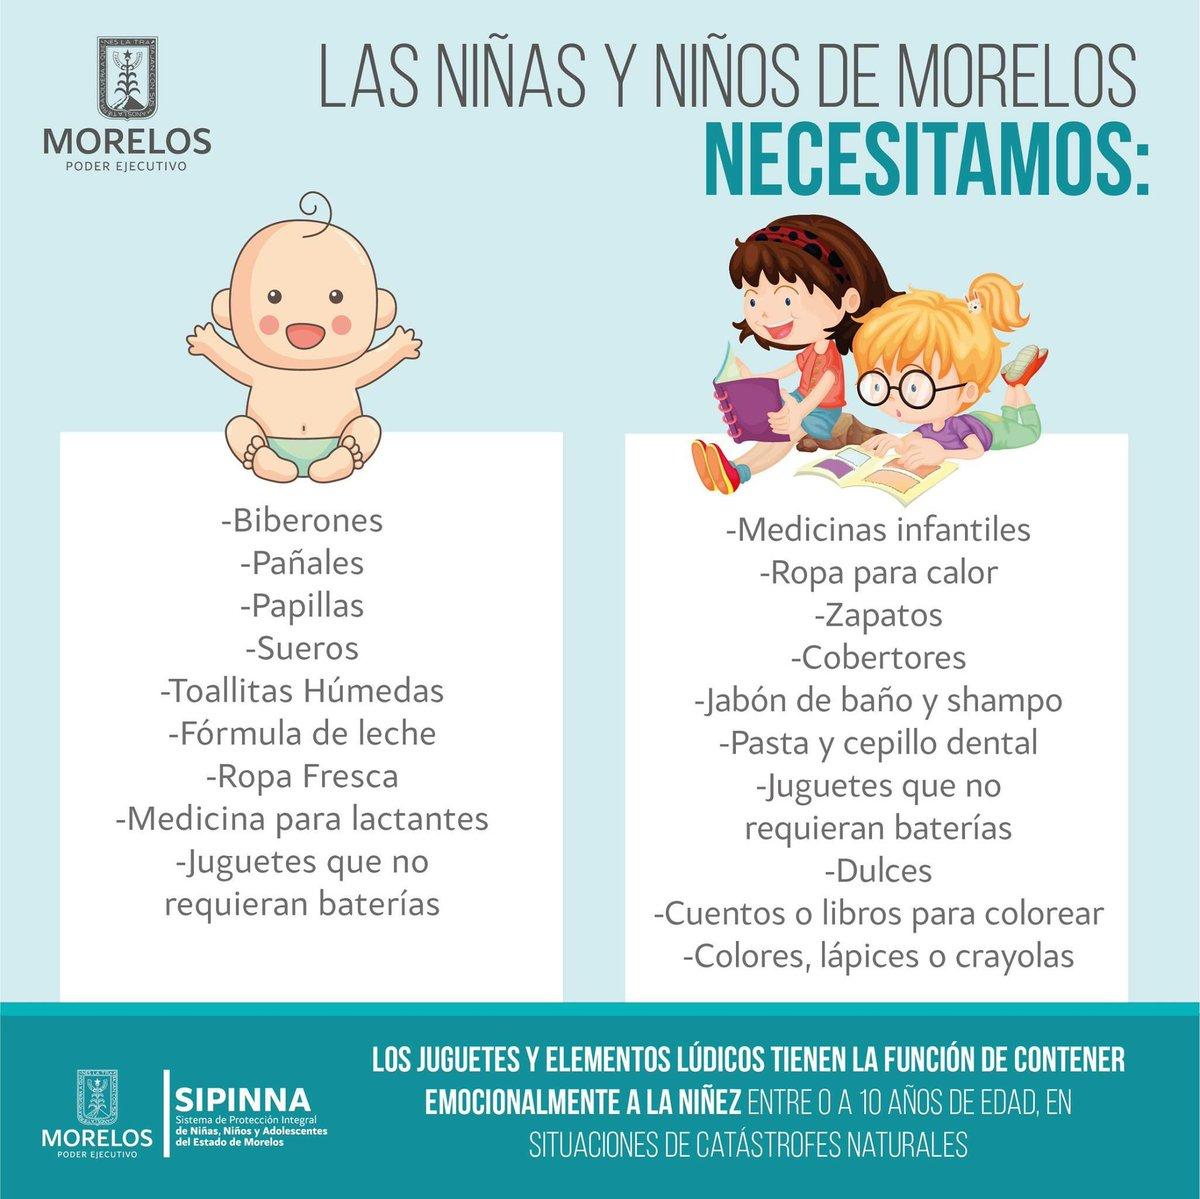 SIPINNA Morelos on Twitter: \